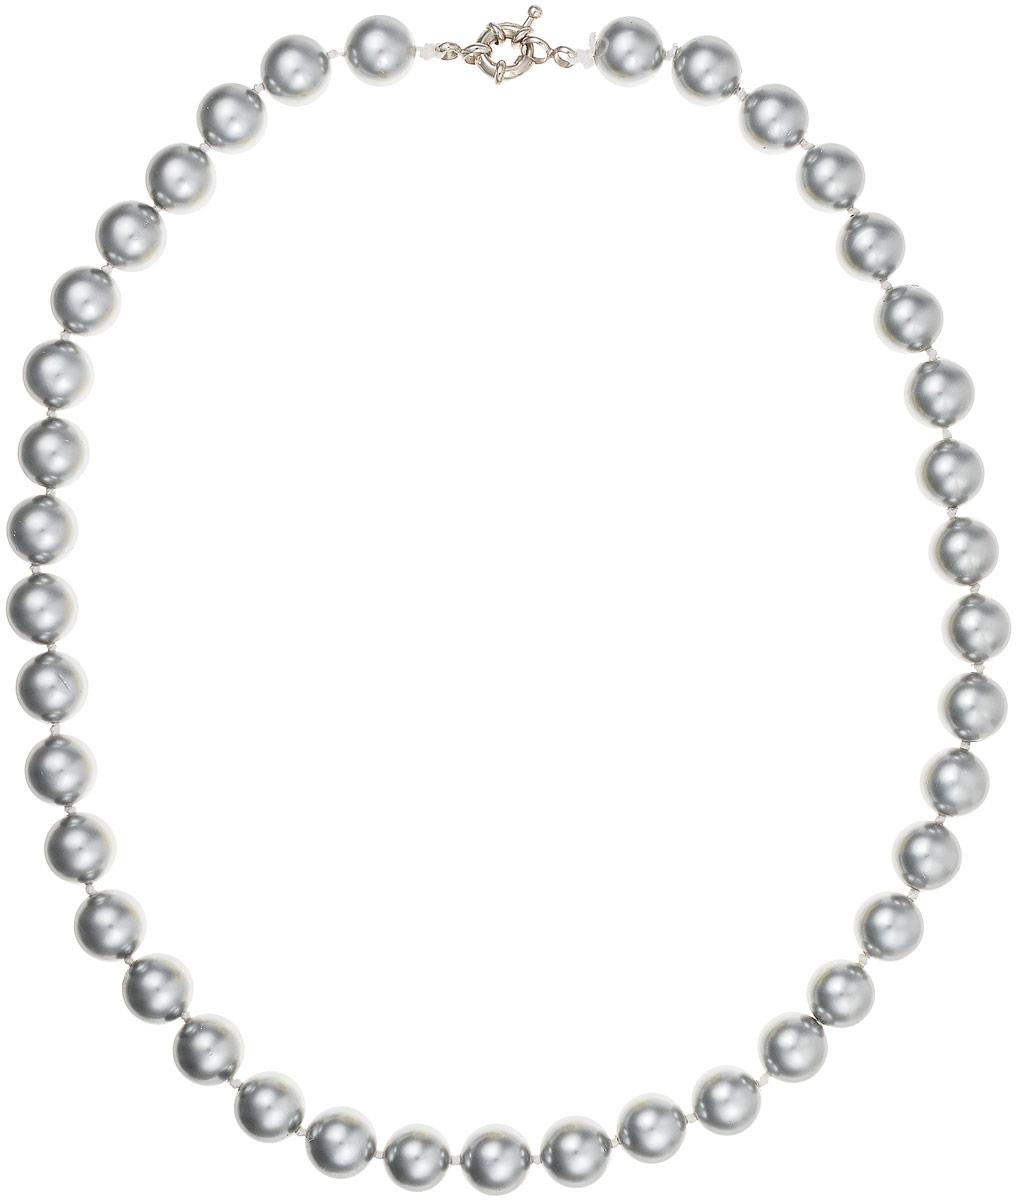 Бусы Art-Silver, цвет: серебристый, длина 50 см. МАЙ31045-432МАЙ31045-432Бусы Art-Silver выполнены из имитации жемчуга, нанизанного на текстильную нить. Украшение дополнено крупным удобным шпренгельным замочком из бижутерного сплава. Бусины диаметром 8 мм выполнены в оригинальном серебристом цвете. Материал бусин по свойствам и виду максимально близок к натуральному жемчугу.